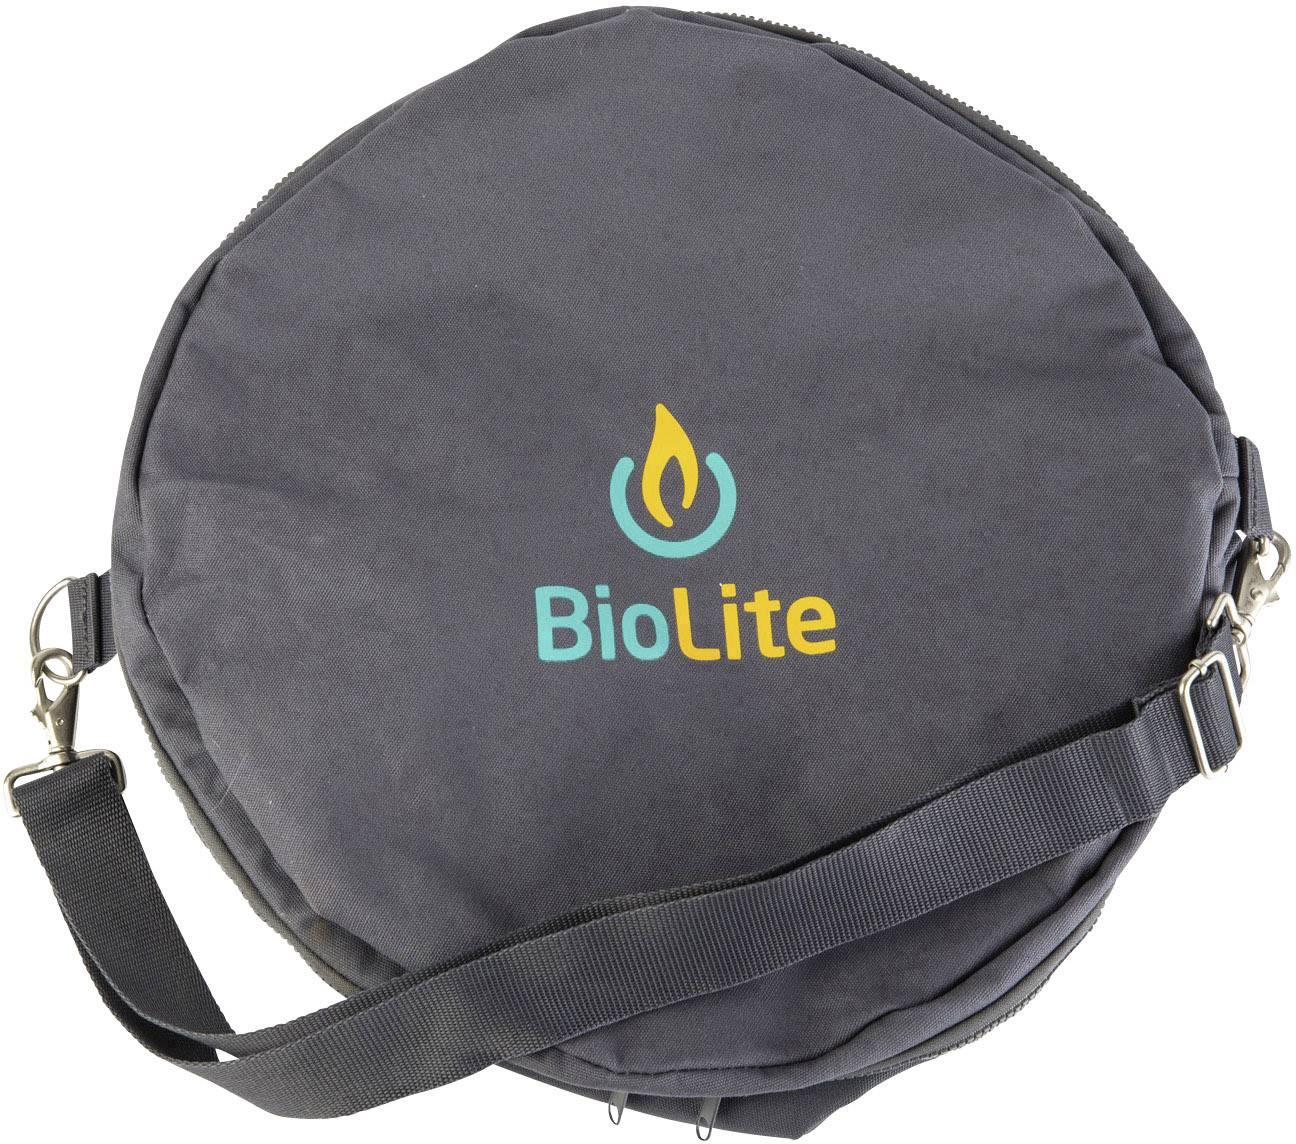 ca7ea646e5075 BioLite Tasche Größe Uni BaseCamp CarryPack Grau 006-6001101 kaufen